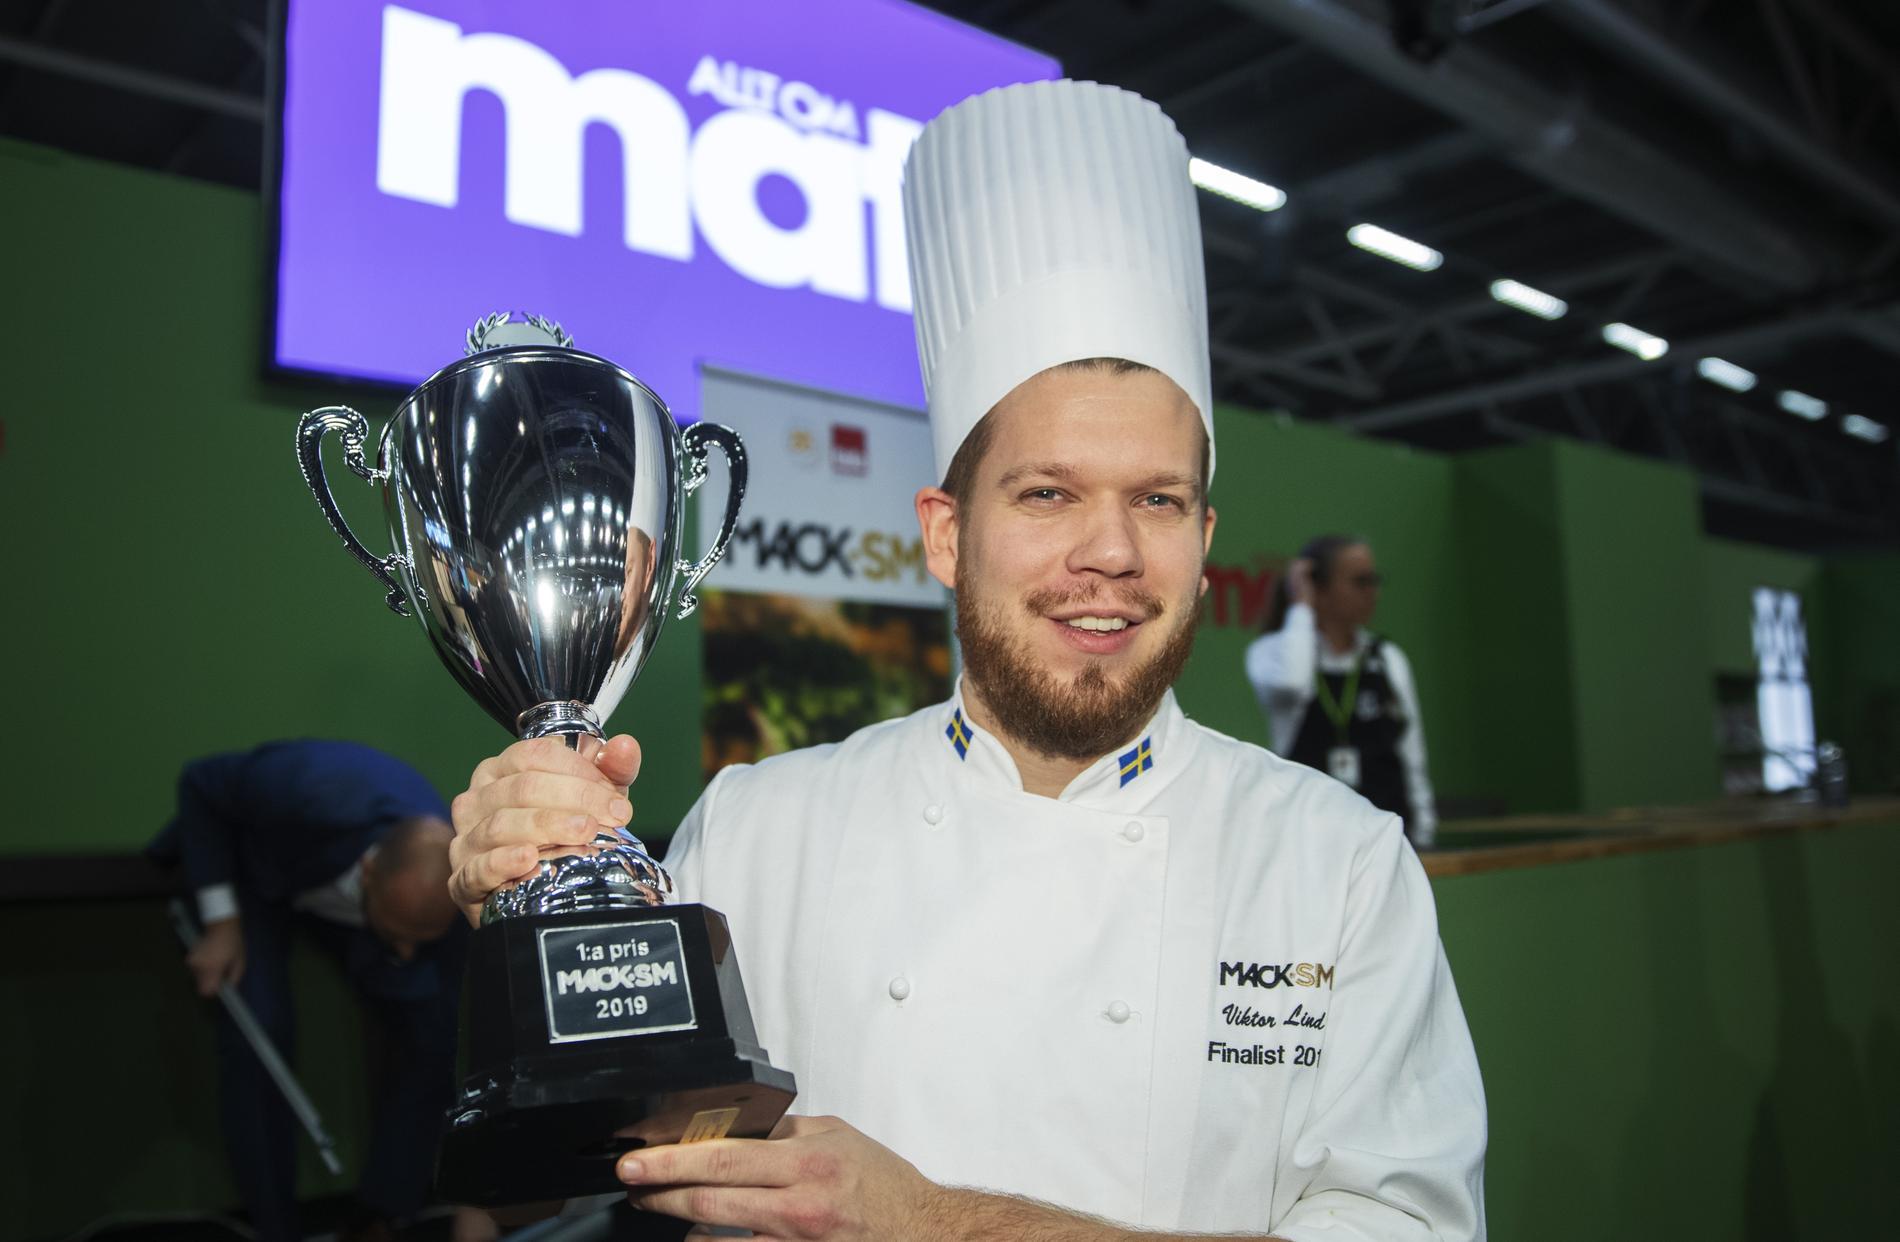 Viktor Lind, en av ägarna av Scandwich, vann 2019 Mack-SM.